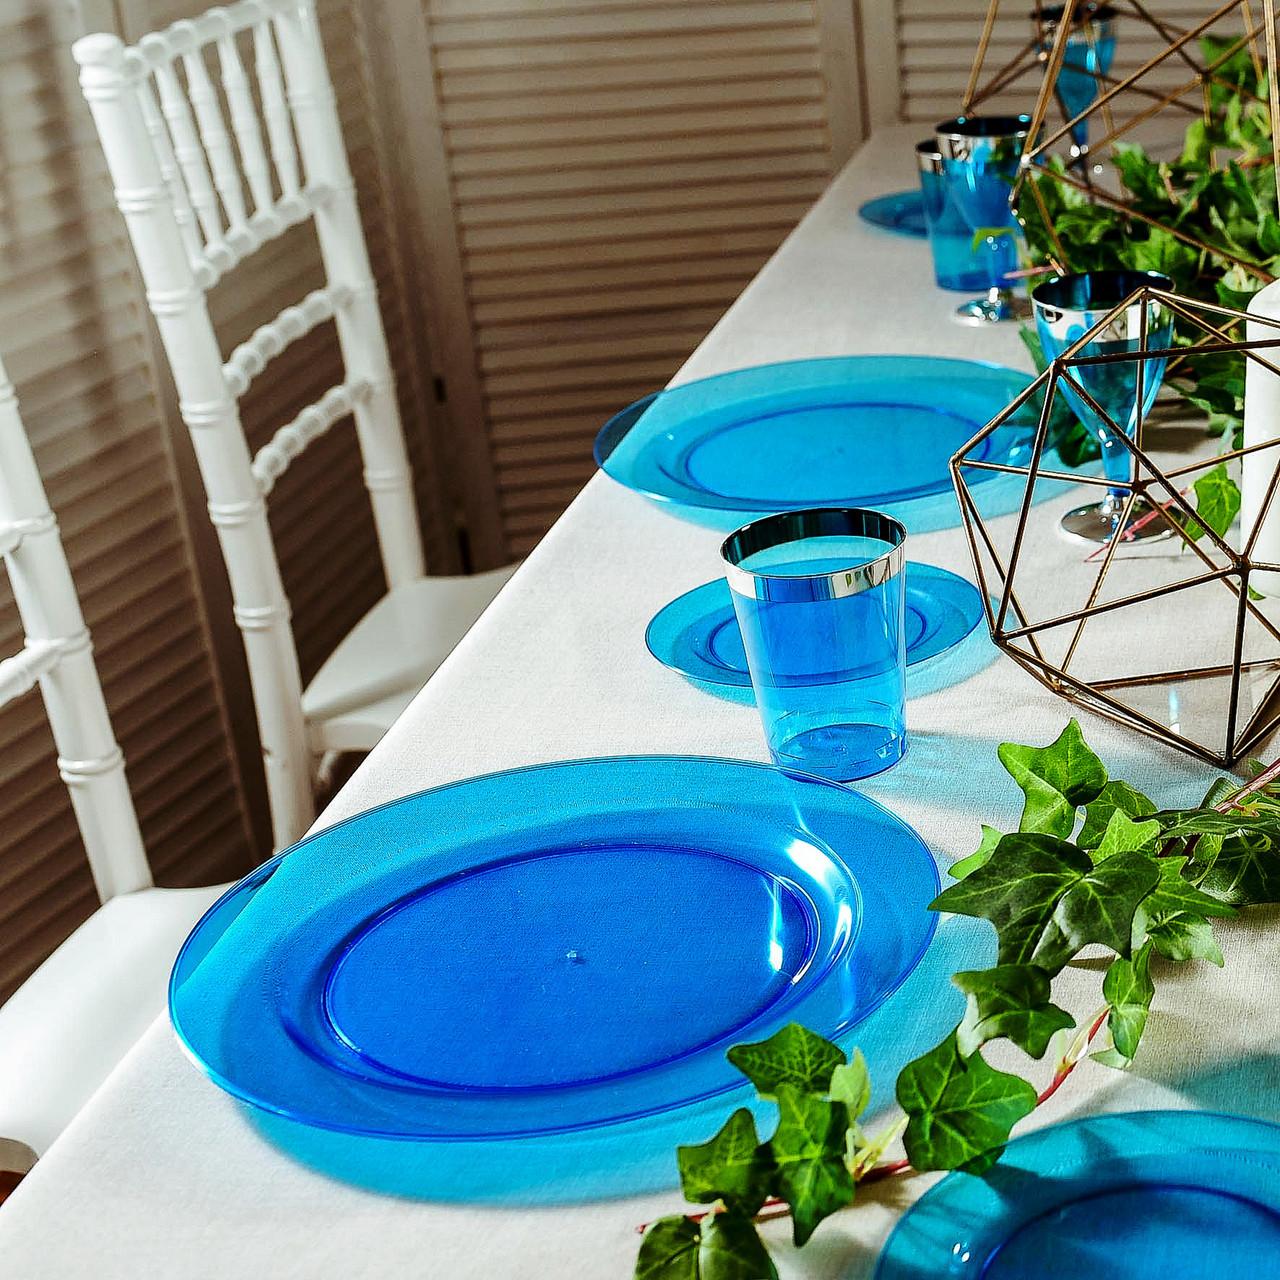 Тарелки стеклопластик  многоразовые, термостойкие  для ресторанов, кейтеринга, хореки оптом CFP 6 шт 260 мм